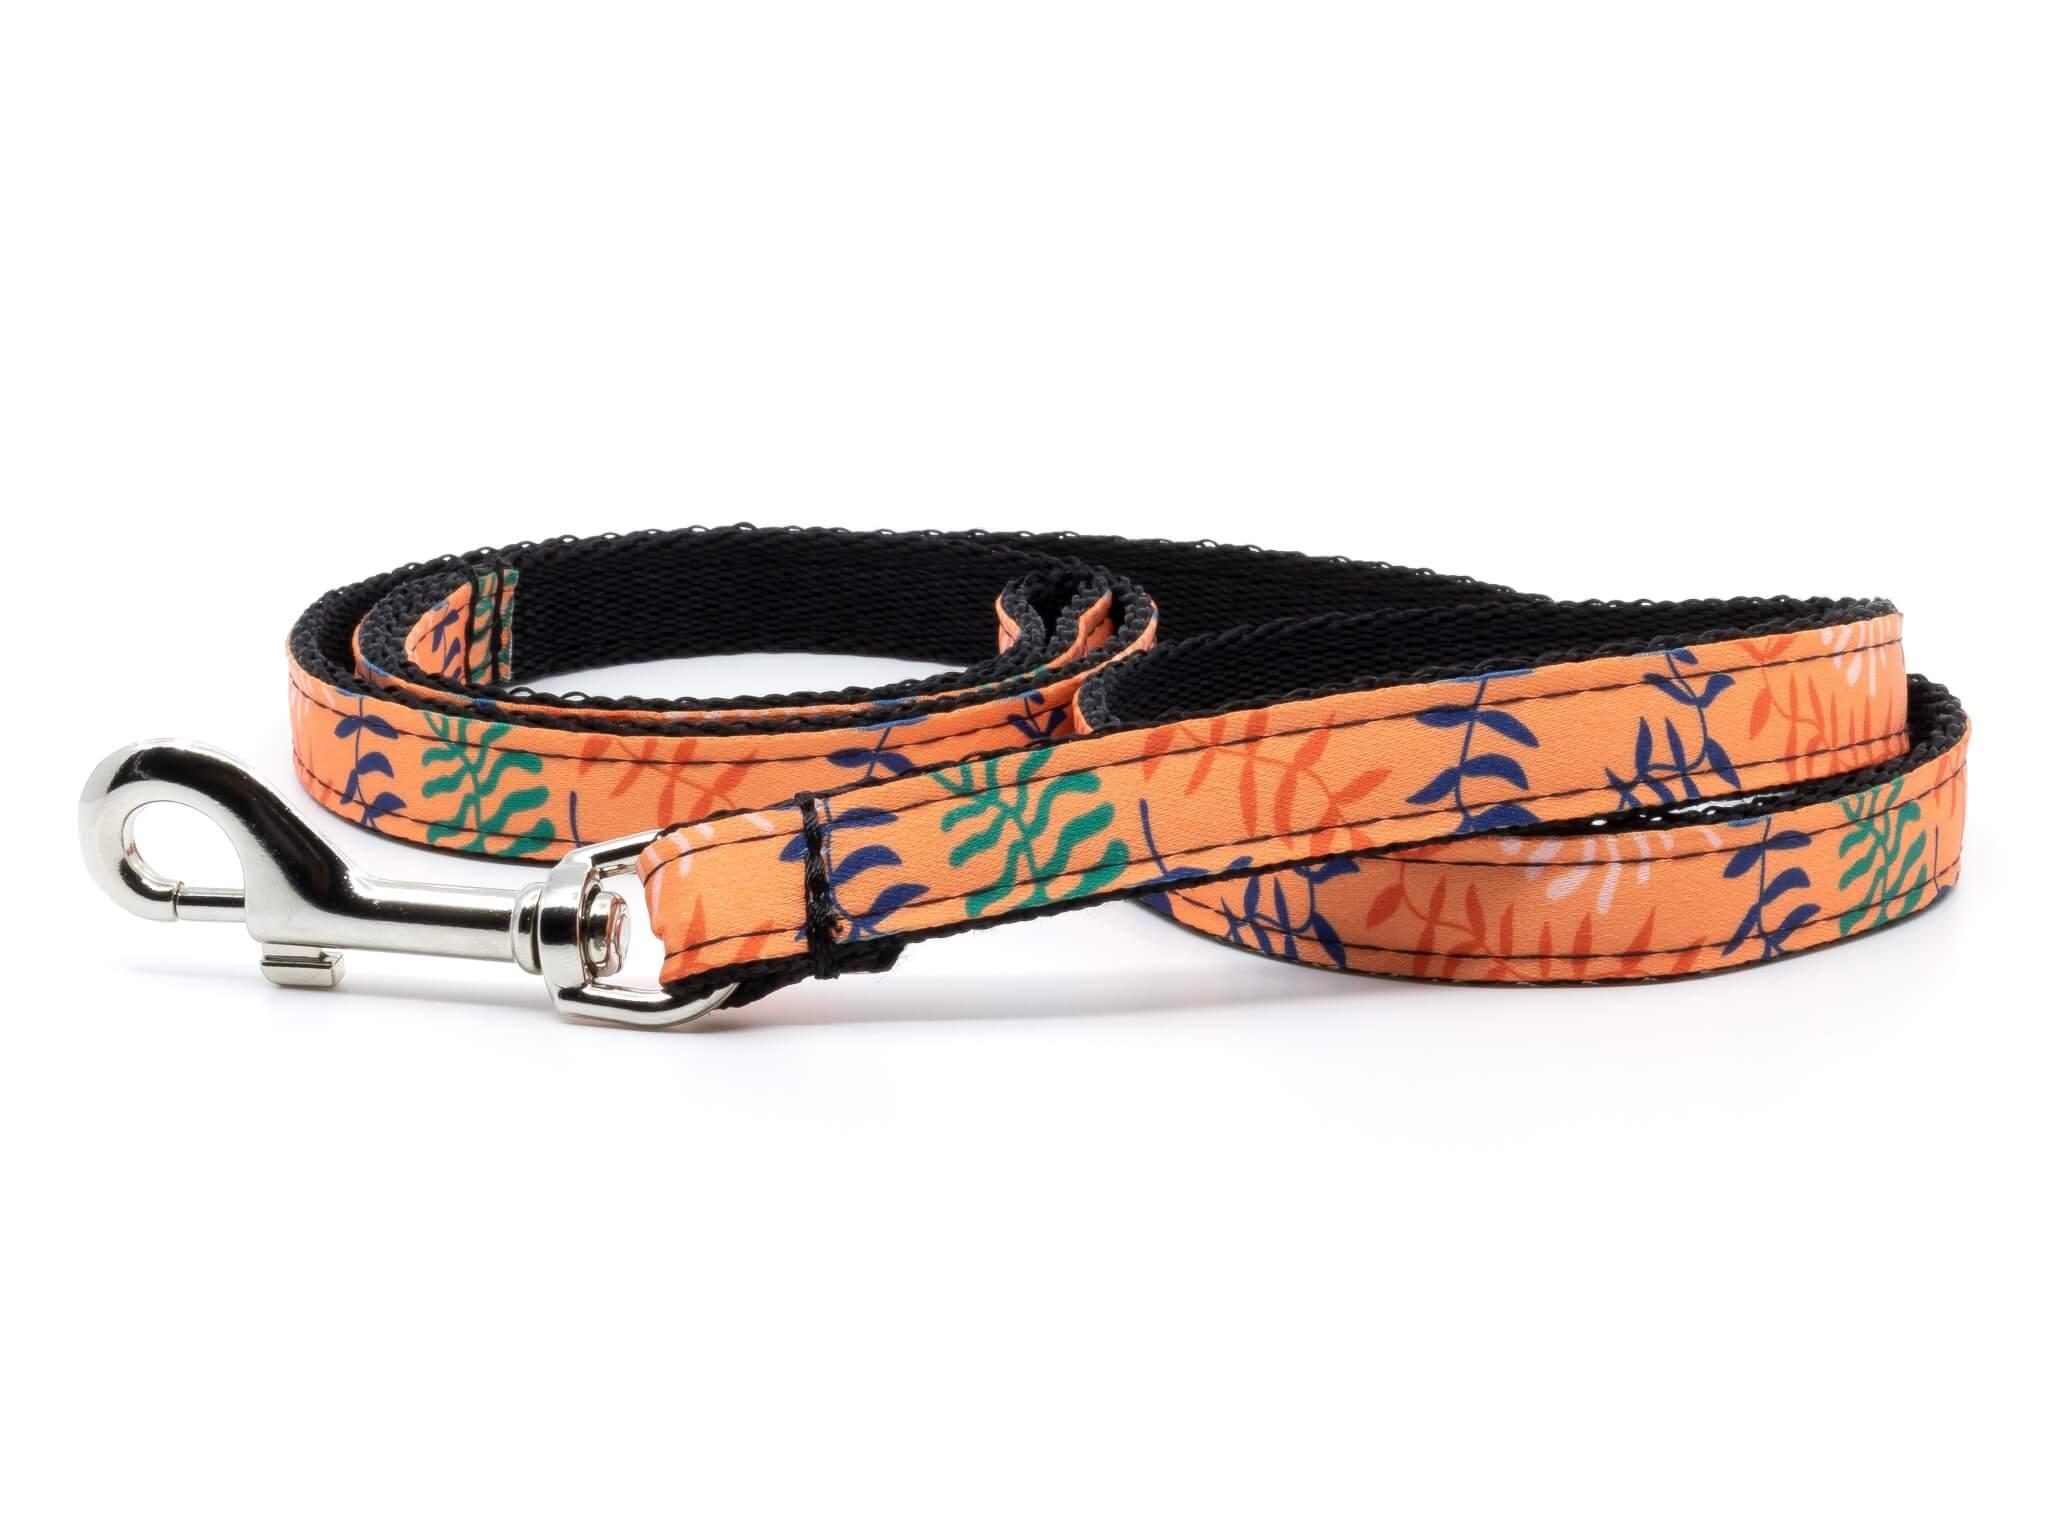 Vsepropejska Havaj oranžový obojek, postroj a vodítko Typ: Vodítko, Velikost: Délka 130 cm - šířka 1,6 cm